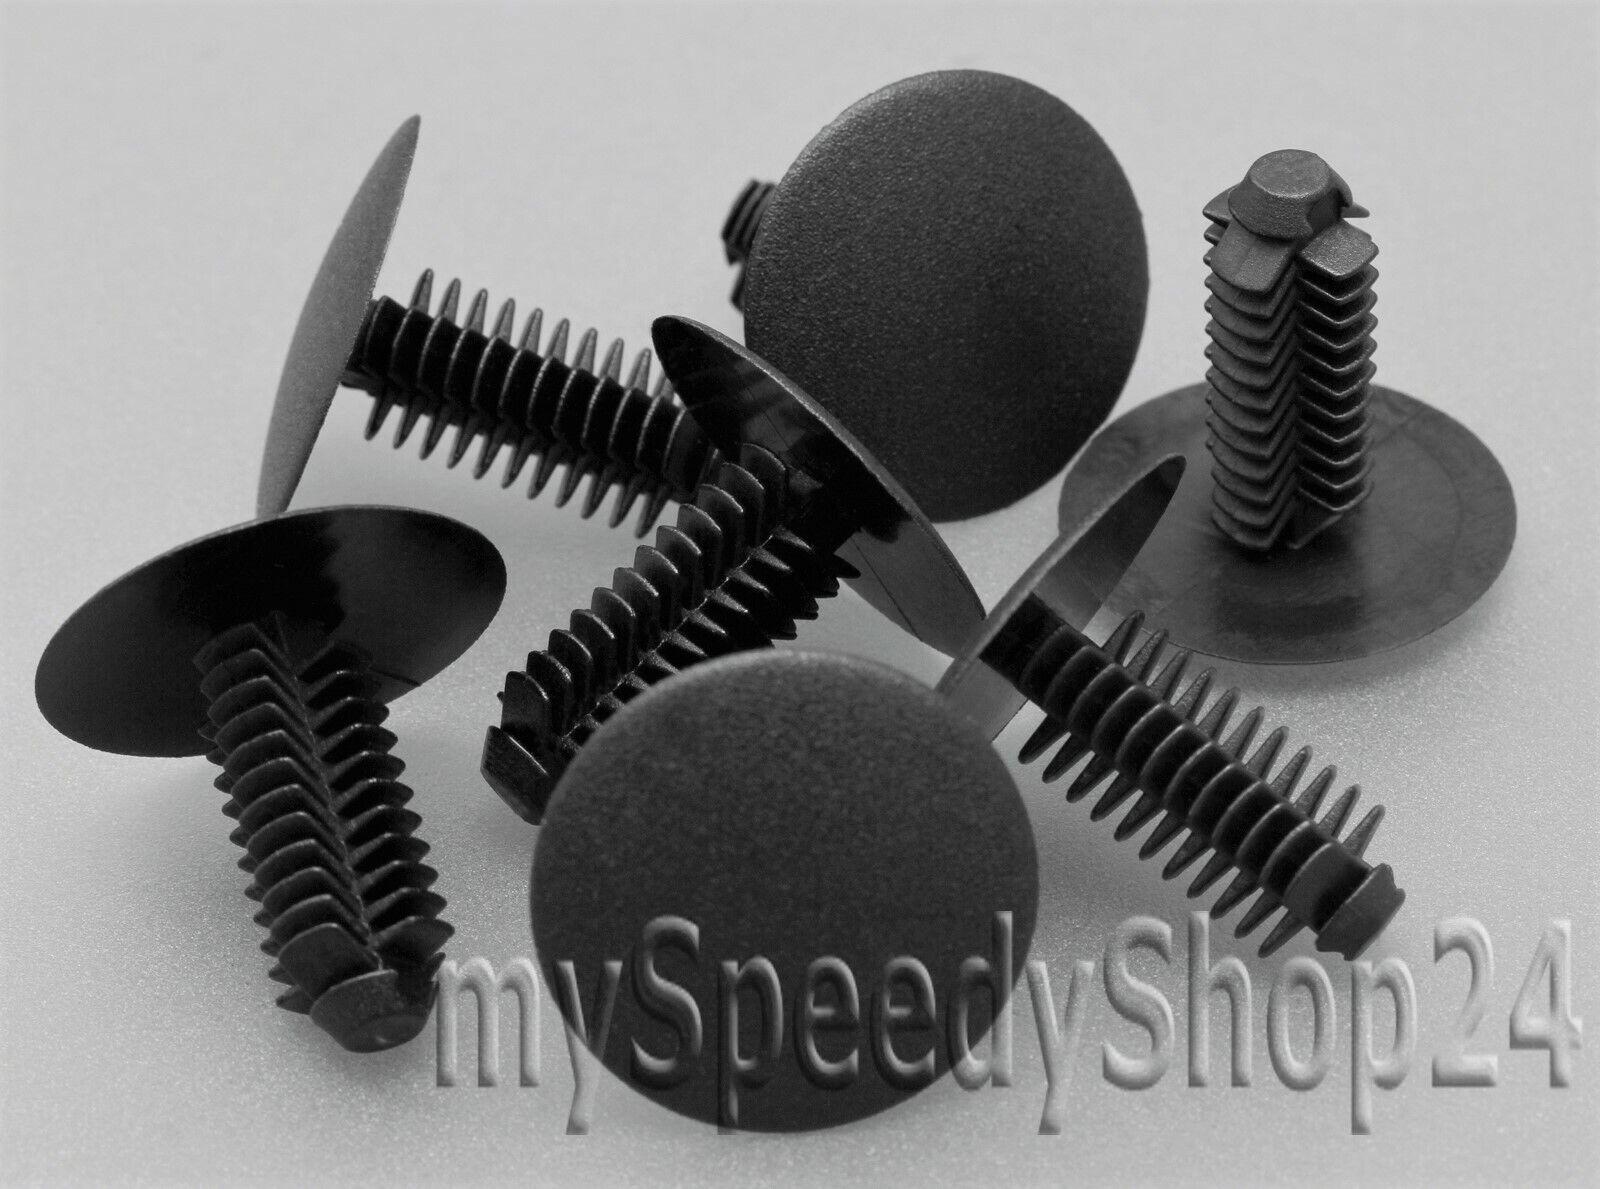 50x Innenverkleidung Befestigung Clips schwarz Abdeckstopfen Ø 9mm Kopf 24mm